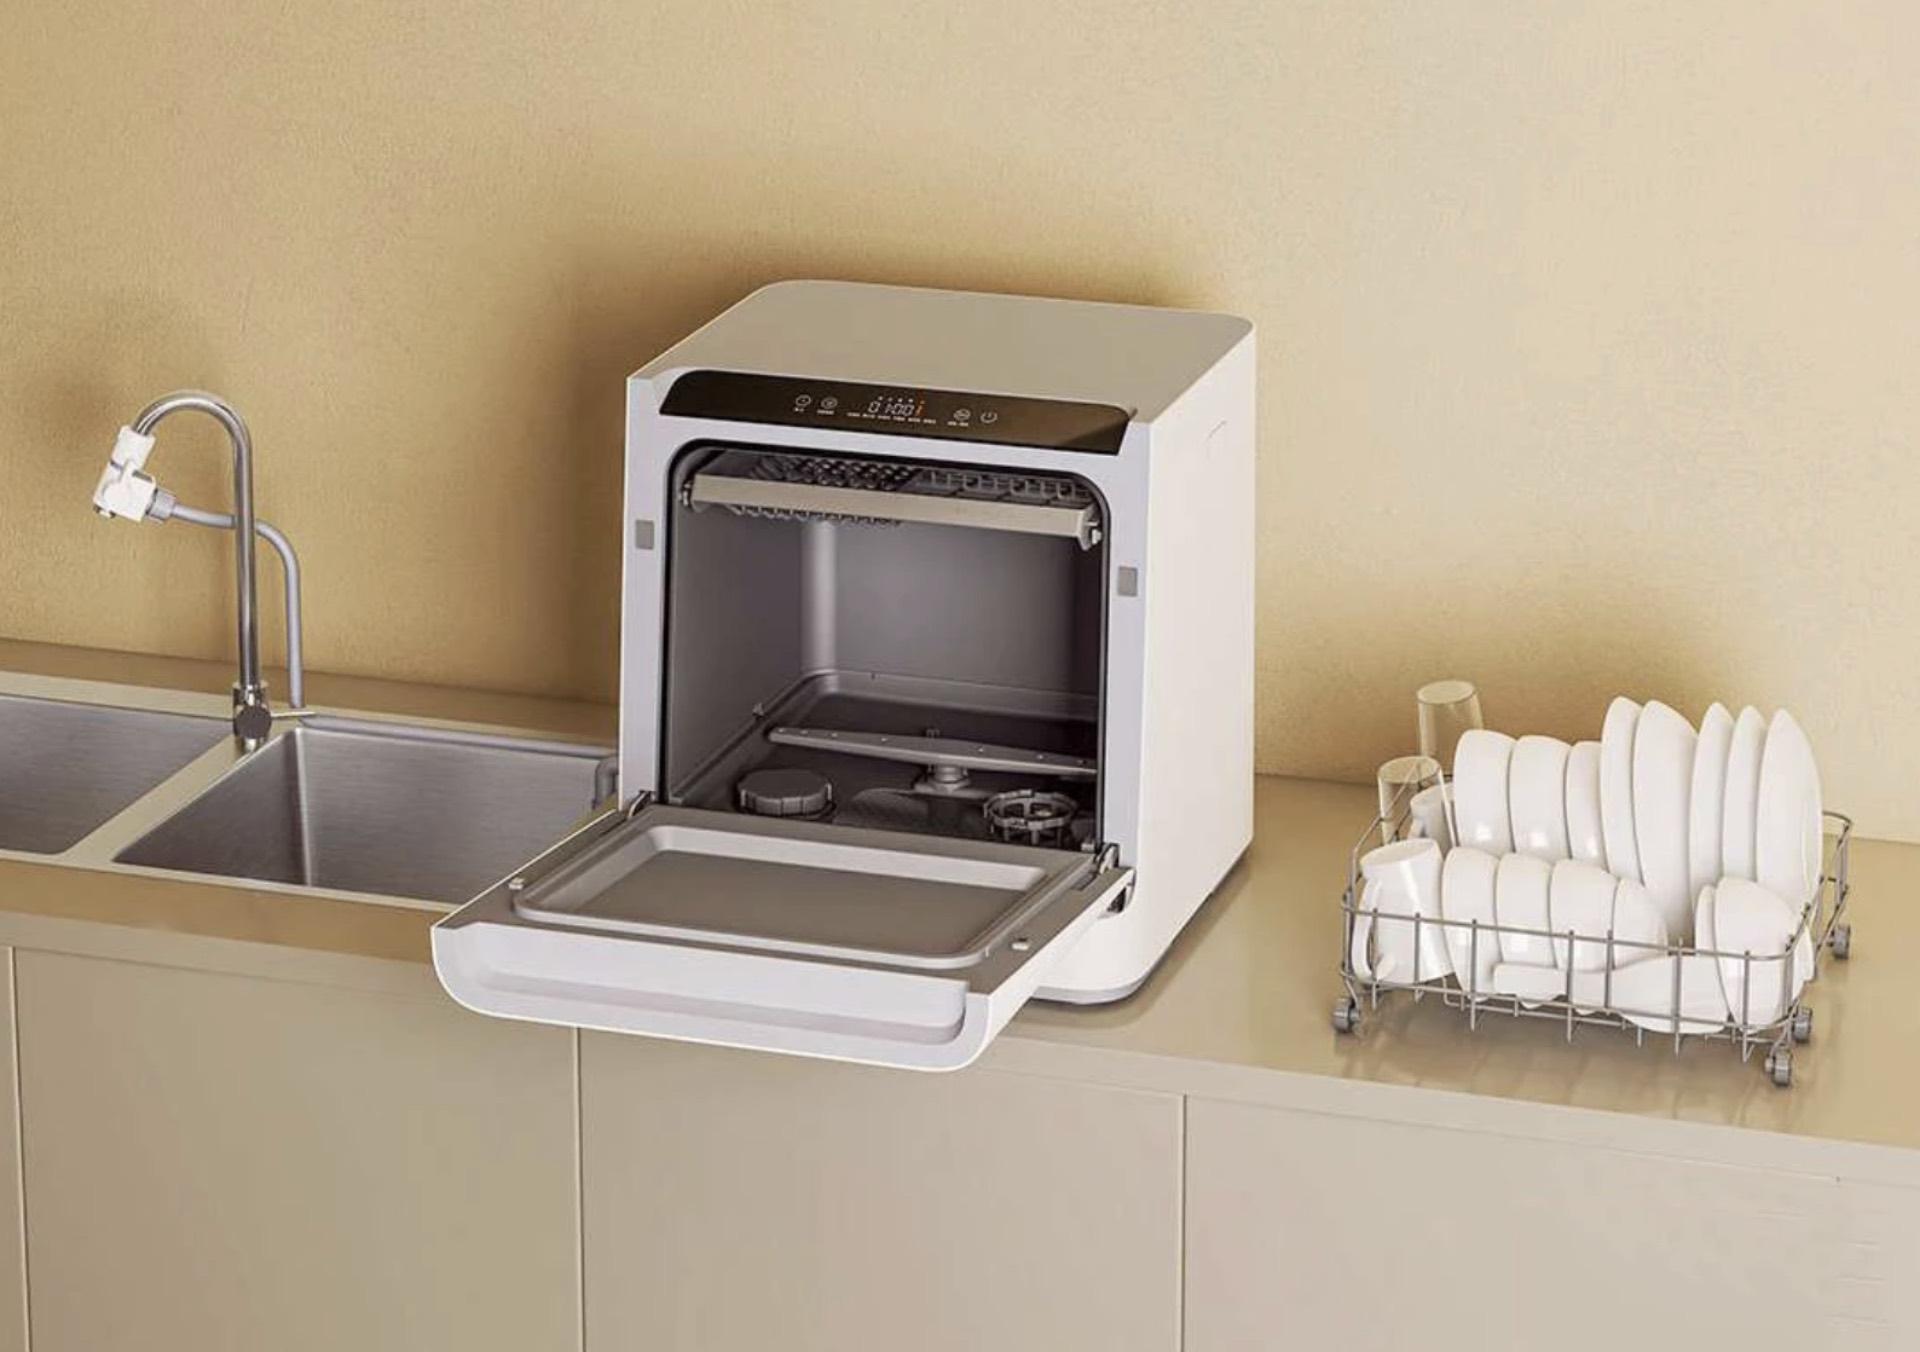 lavastoviglie xiaomi